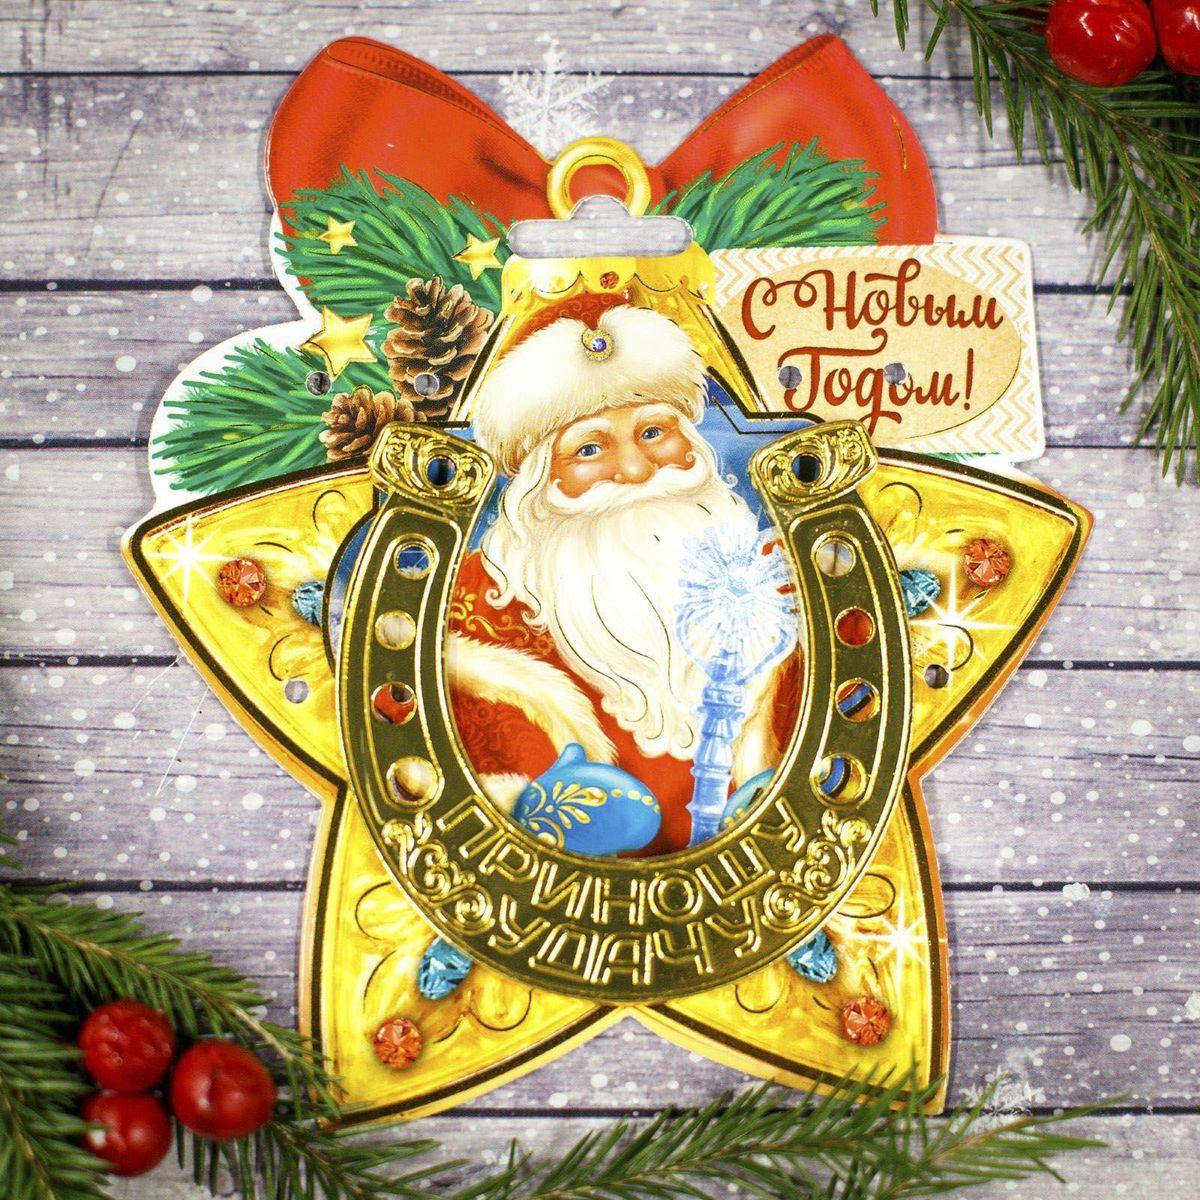 Подкова на подложке Sima-land С новым годом!, цвет: желтый, 7 см2268614Приближаются самые добрые и долгожданные праздники — Новый год и Рождество. Подкова Sima-land - это чудесный сувенир, способный привлечь счастье, успех и достаток, стоит лишь расположить его на рабочем столе дома или в офисе! Или носить с собой в качестве оберега. Такой подарок прекрасно впишется в любой интерьер и станет отличным атрибутом праздника, а также станет отличным оберегом своего хозяина.